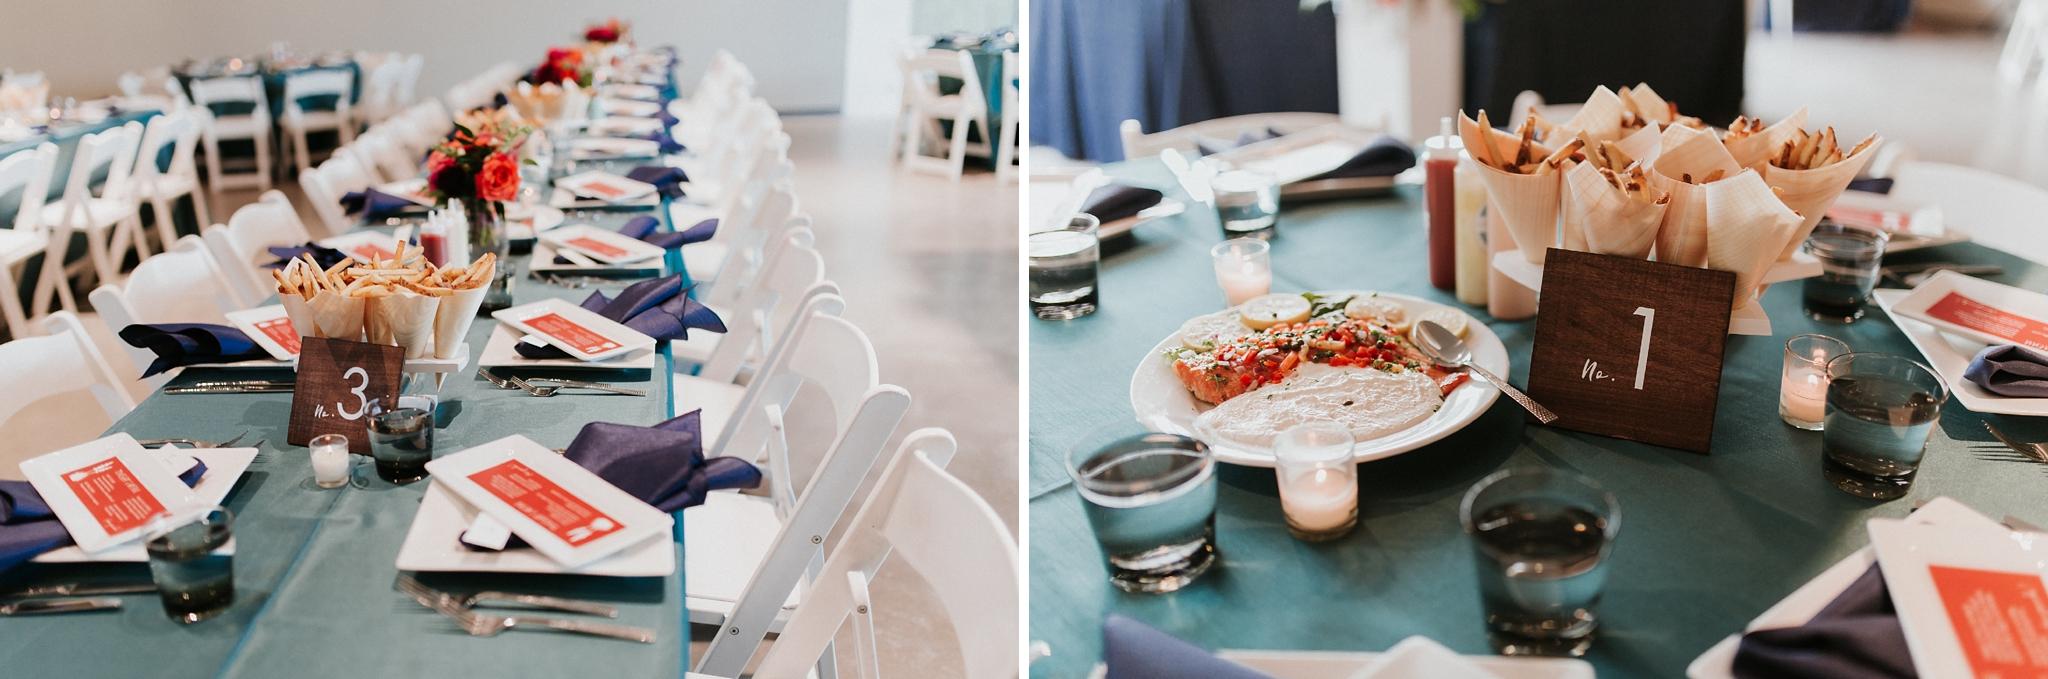 Alicia+lucia+photography+-+albuquerque+wedding+photographer+-+santa+fe+wedding+photography+-+new+mexico+wedding+photographer+-+new+mexico+wedding+-+wedding+reception+-+wedding+florals+-+wedding+centerpieces+-+floral+centerpieces_0040.jpg